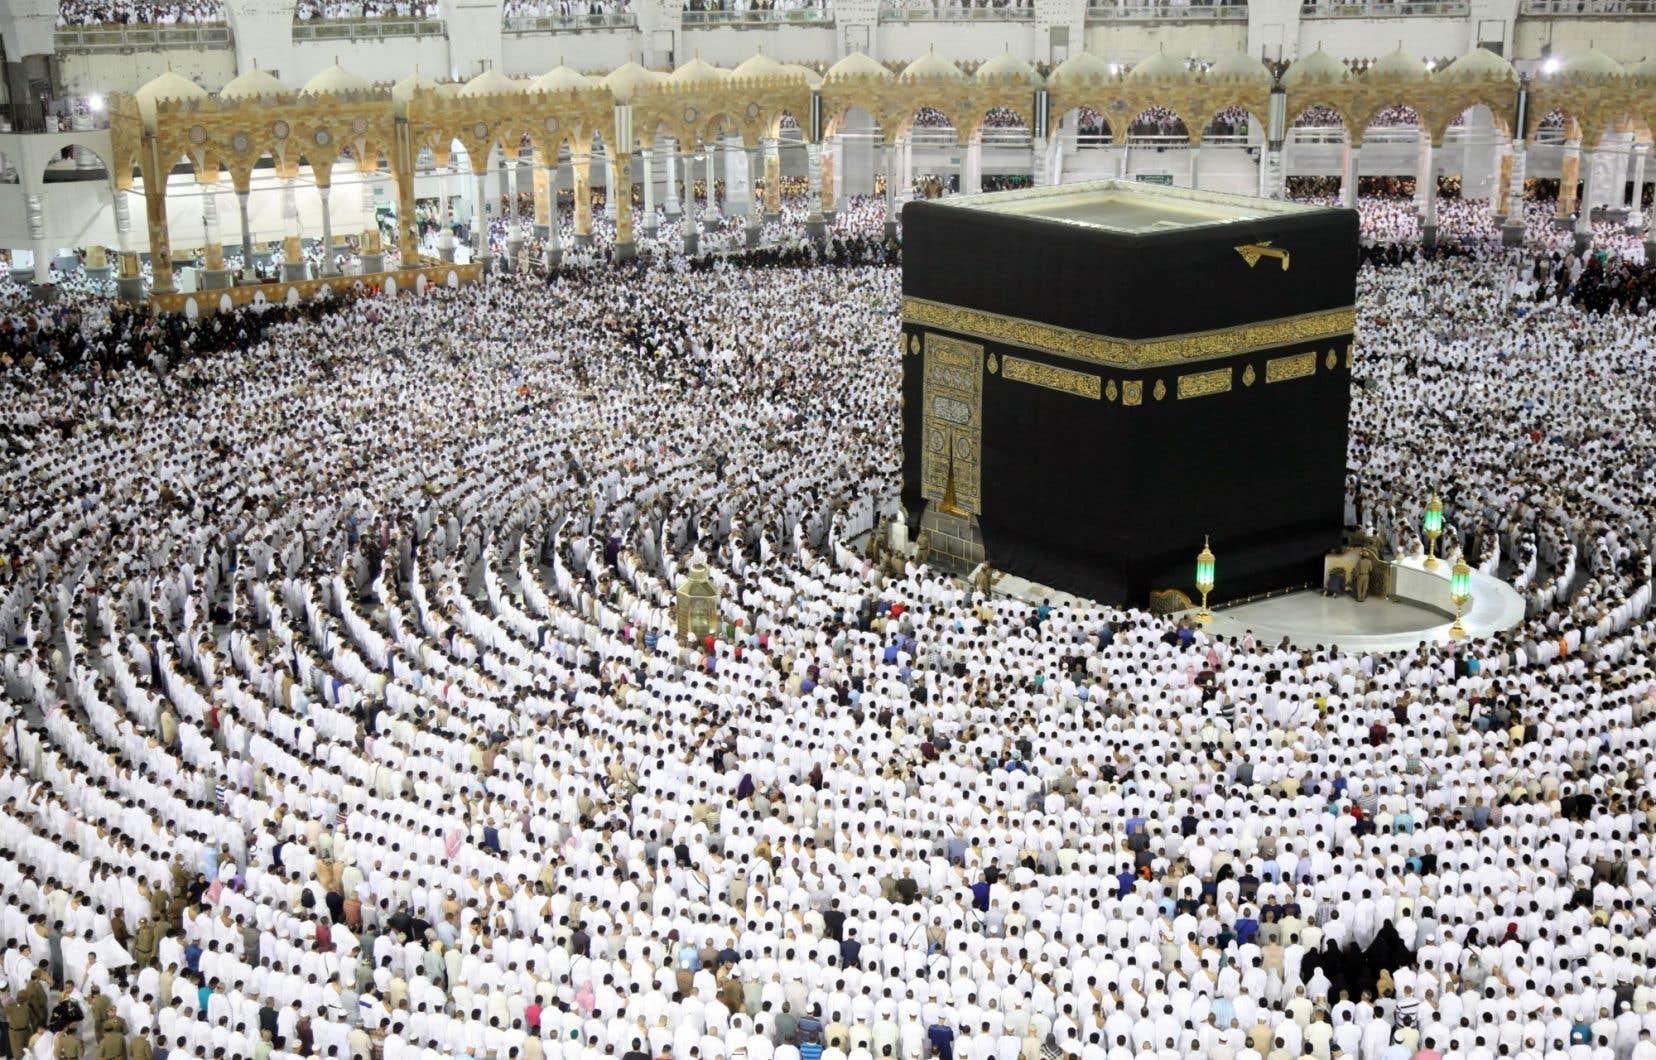 Les fidèles musulmans se sont rassemblés à la Grande Mosquée de La Mecque pour le dernier vendredi saint du ramadan.